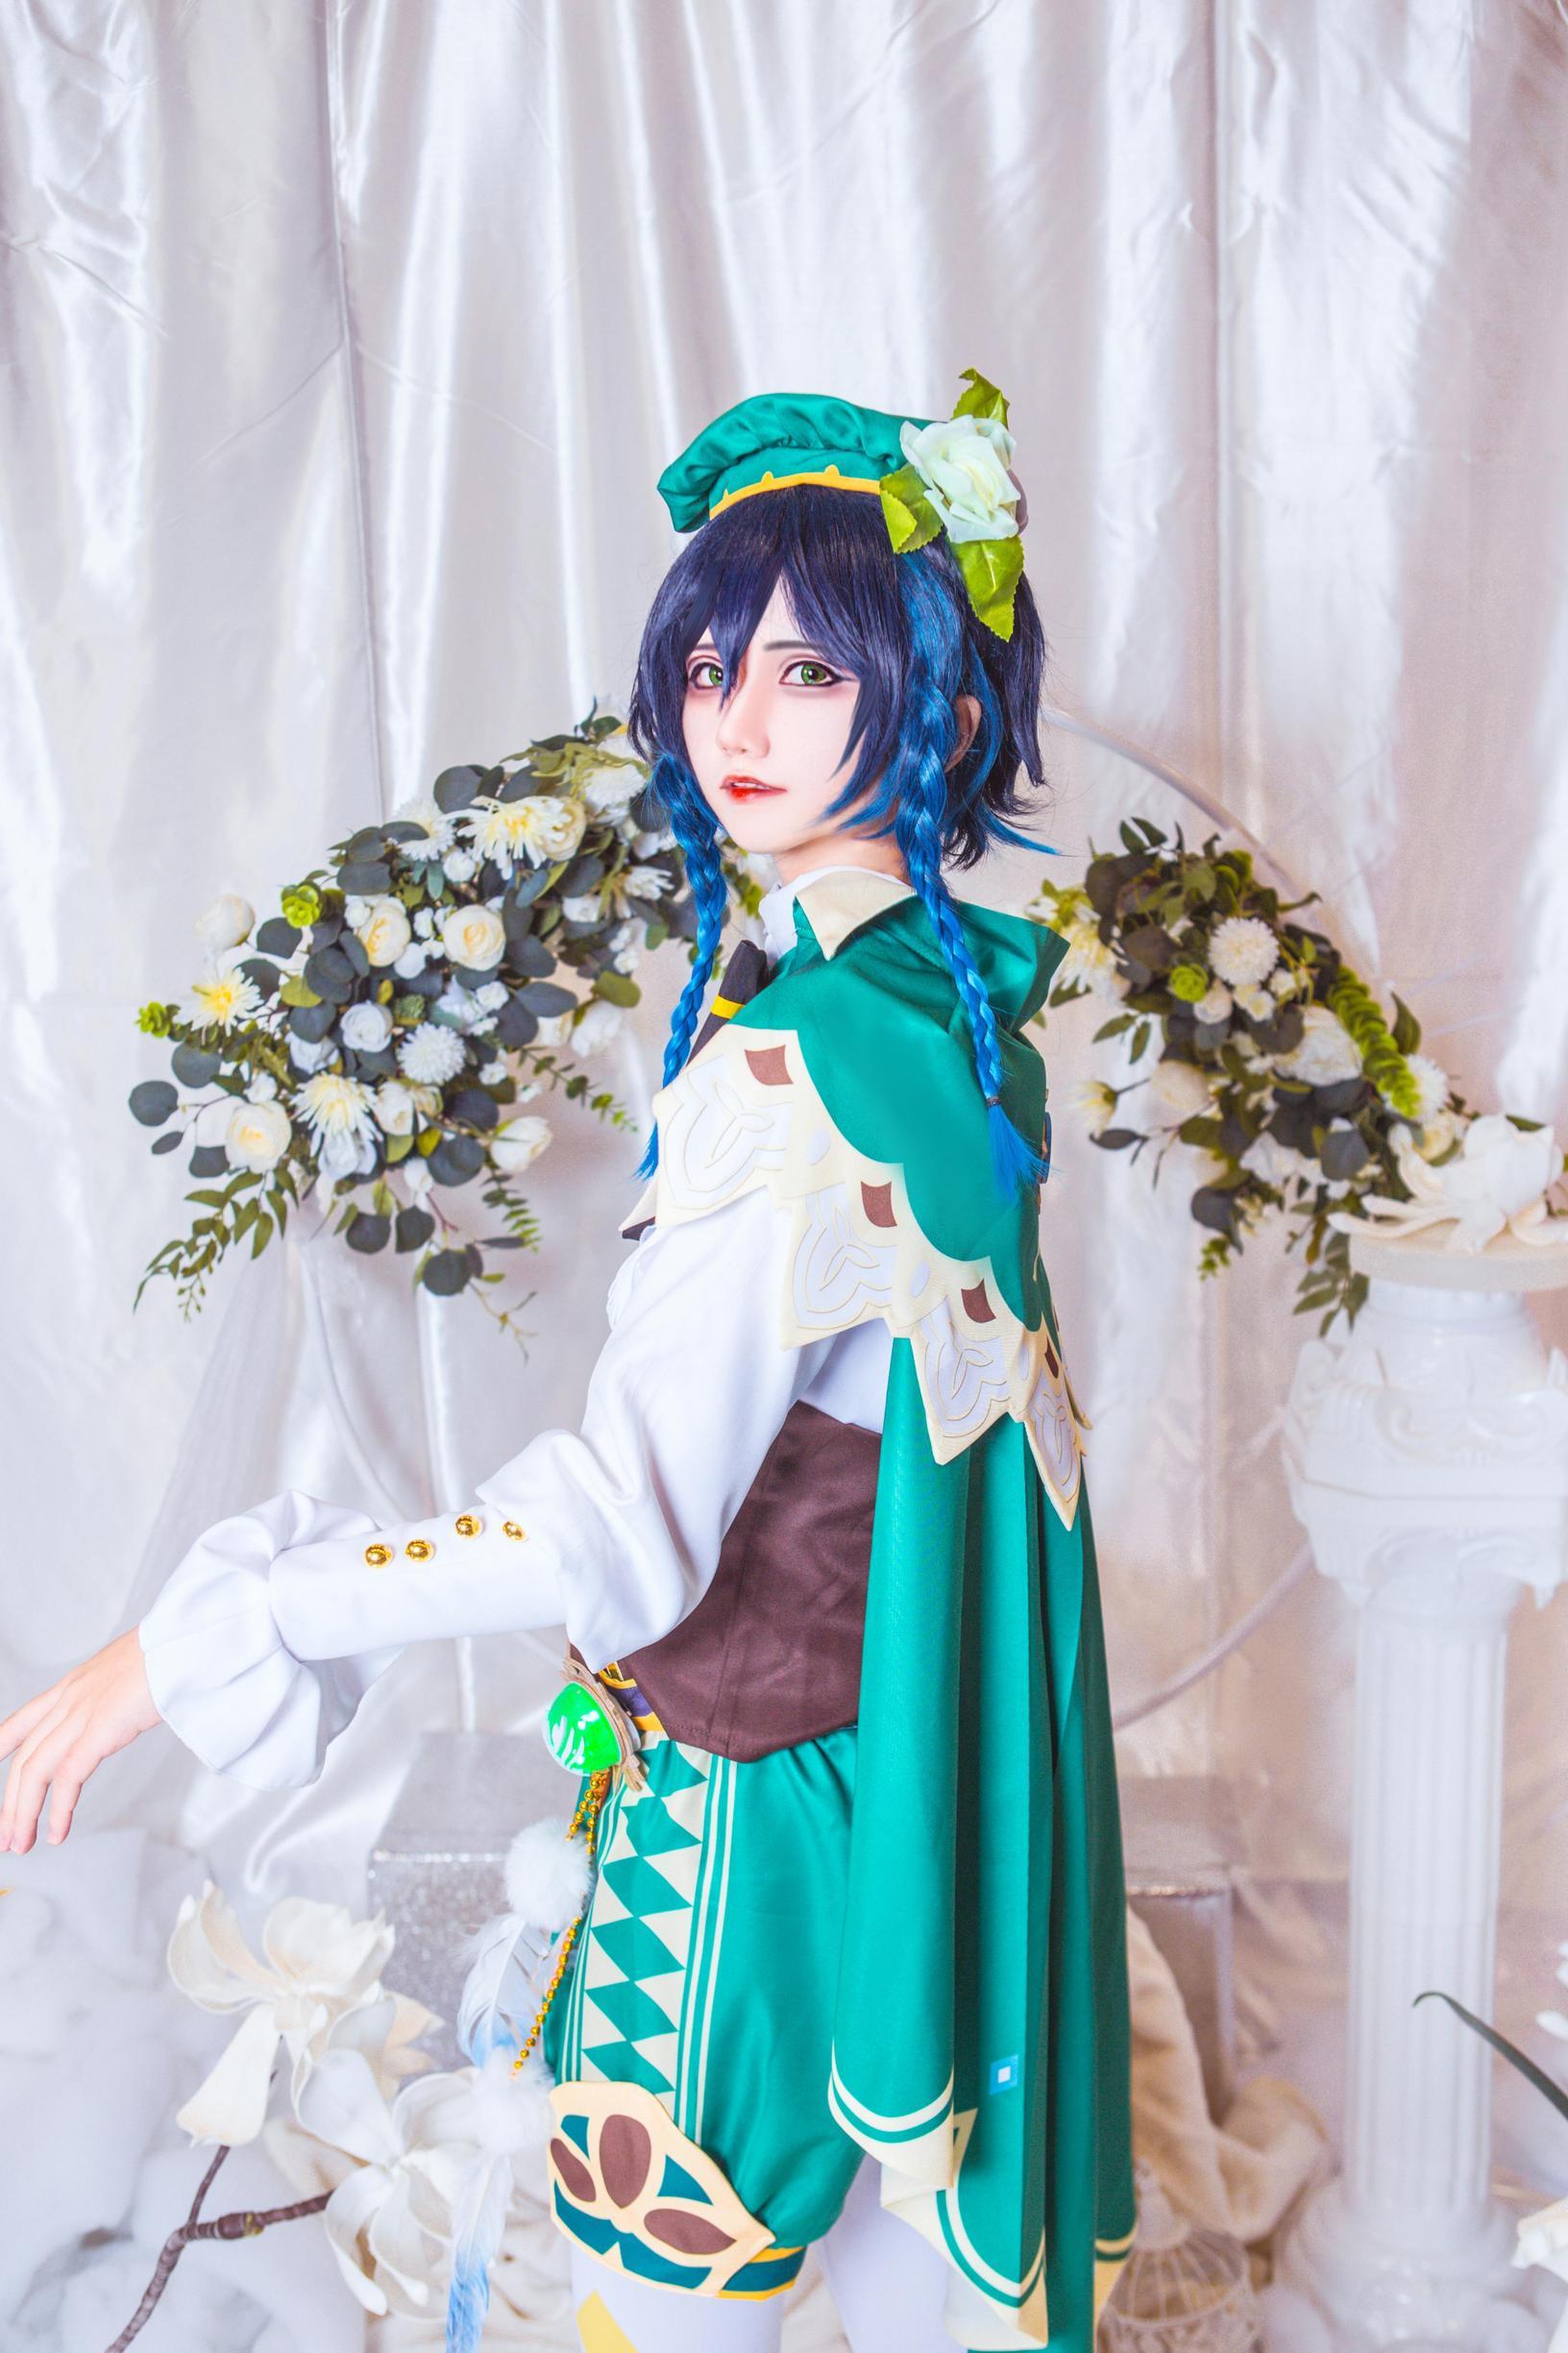 《原神》巴巴托斯cosplay【CN:南千鲤Akirui】-第7张